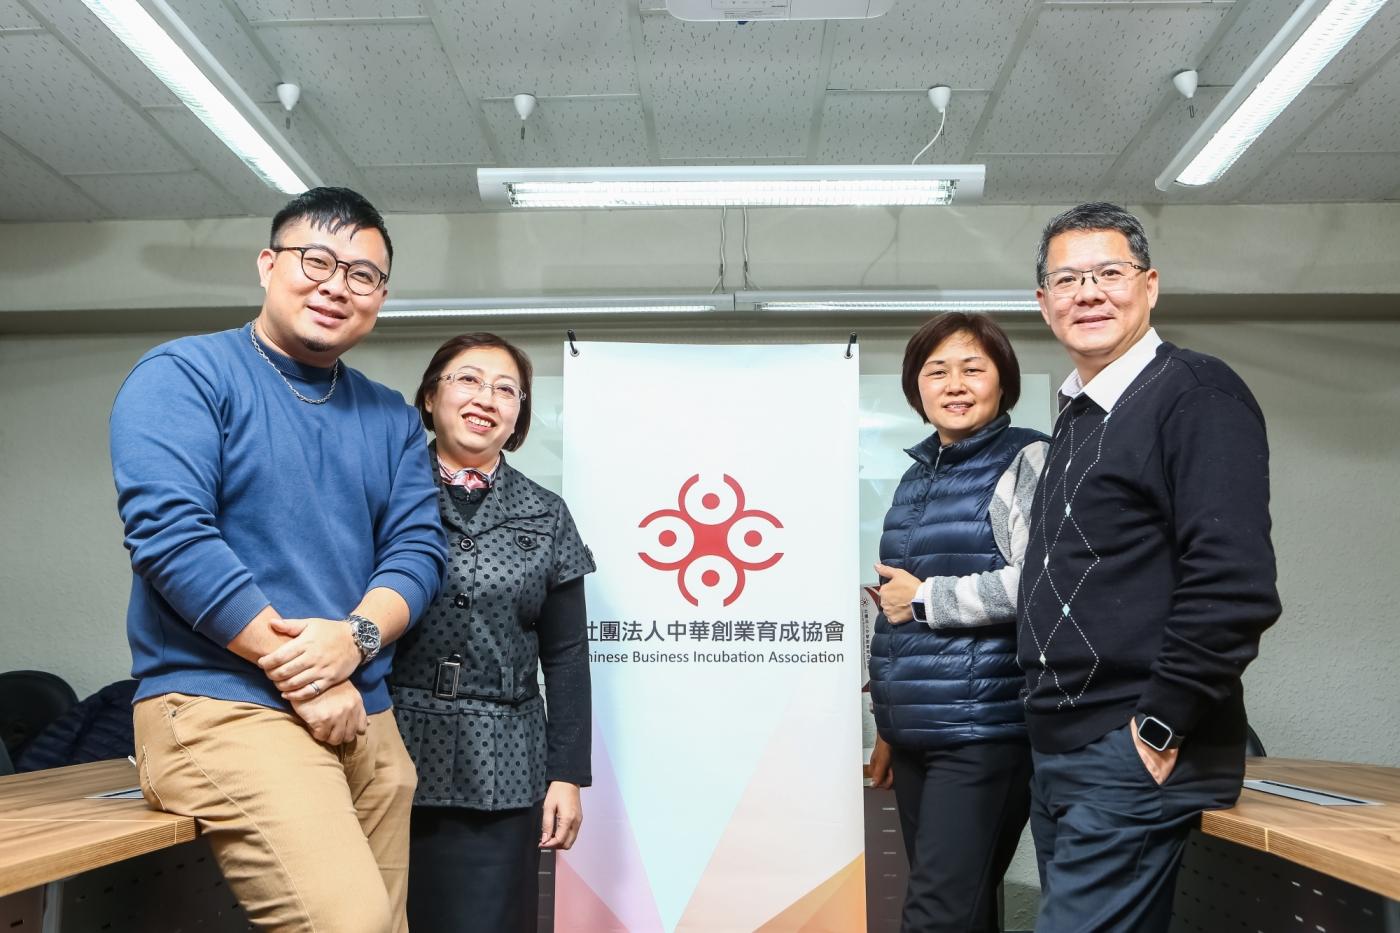 從台灣到國際,特色化創育網絡加速台灣新創能量